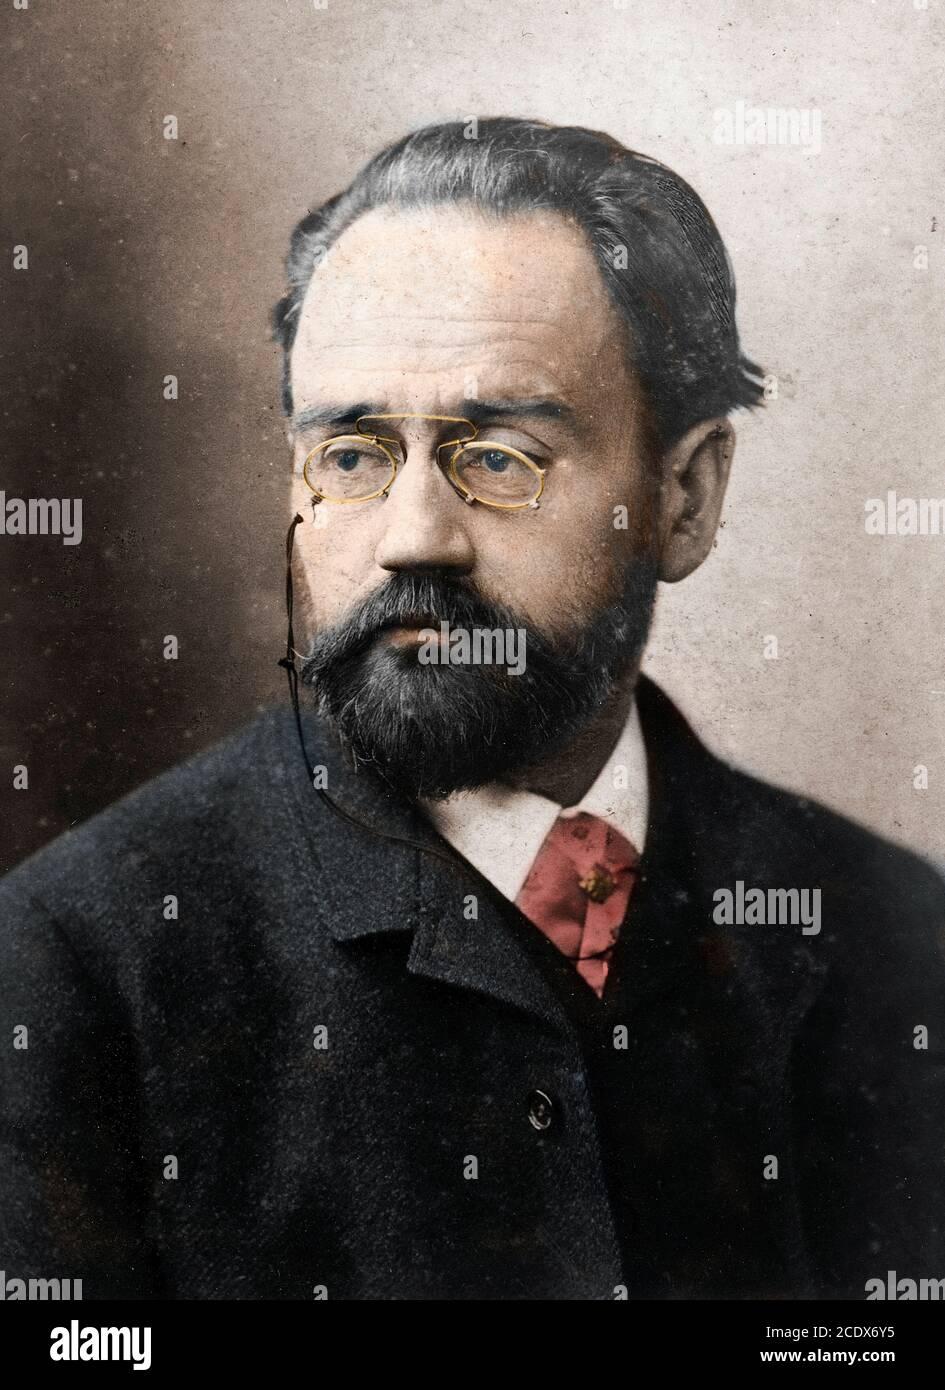 Retrato de Emile Zola (1840-1902) escritor francés - por Nadar Foto de stock